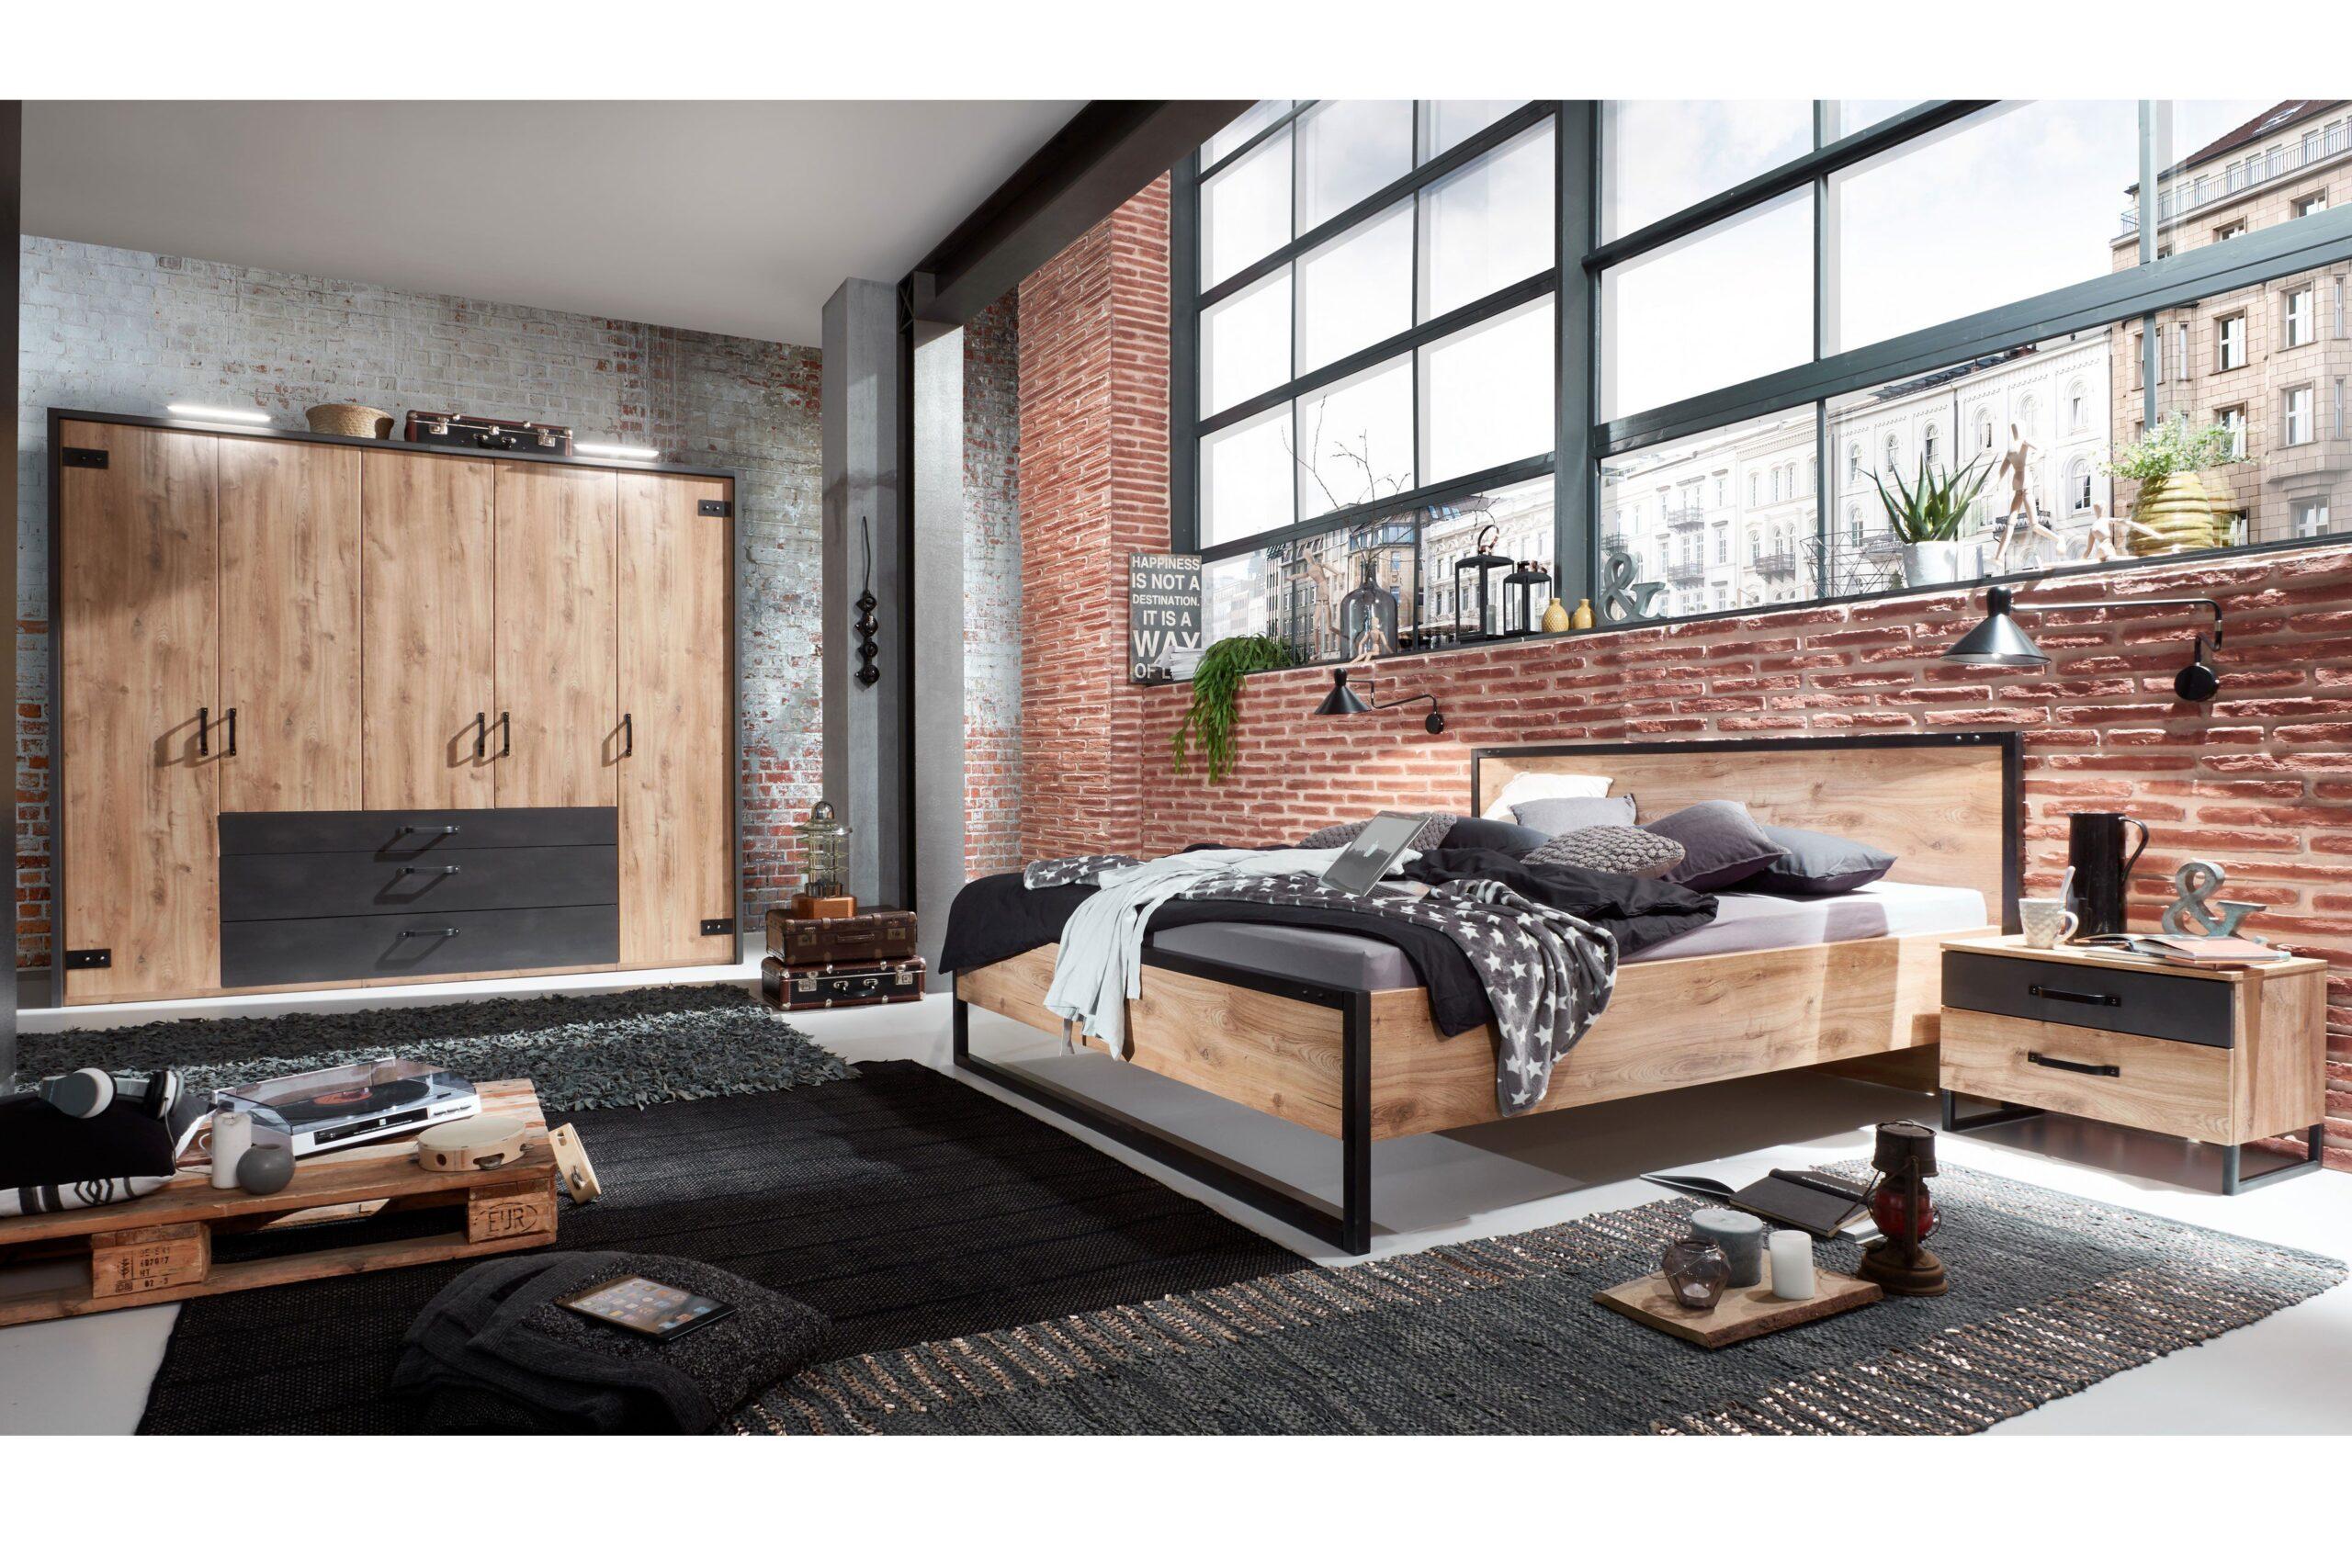 Full Size of Wimedetroit Schlafzimmer Im Industrial Style Mbel Letz Ihr Bett Konfigurieren 120 Cm Breit Ohne Füße Jugendzimmer Bettkasten Tagesdecken Für Betten Wasser Wohnzimmer Bett Industrial Style